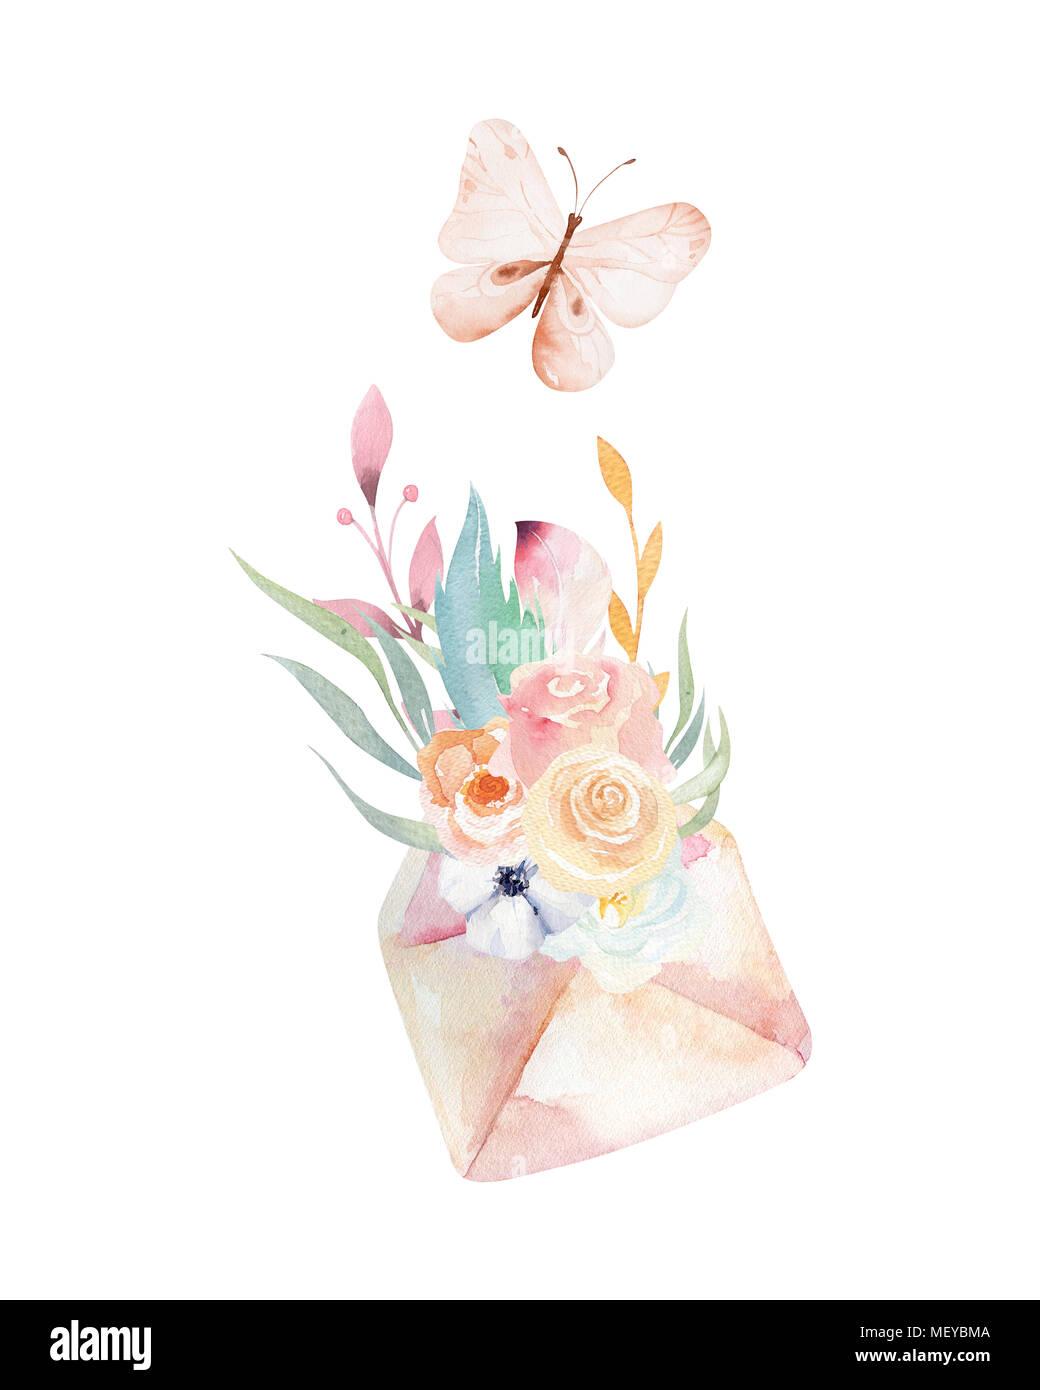 Isolato carino acquerello tasti unicorn clipart con fiori. Vivaio chiave unicorns illustrazione. La principessa rainbow poster. rosa poster di magia Immagini Stock